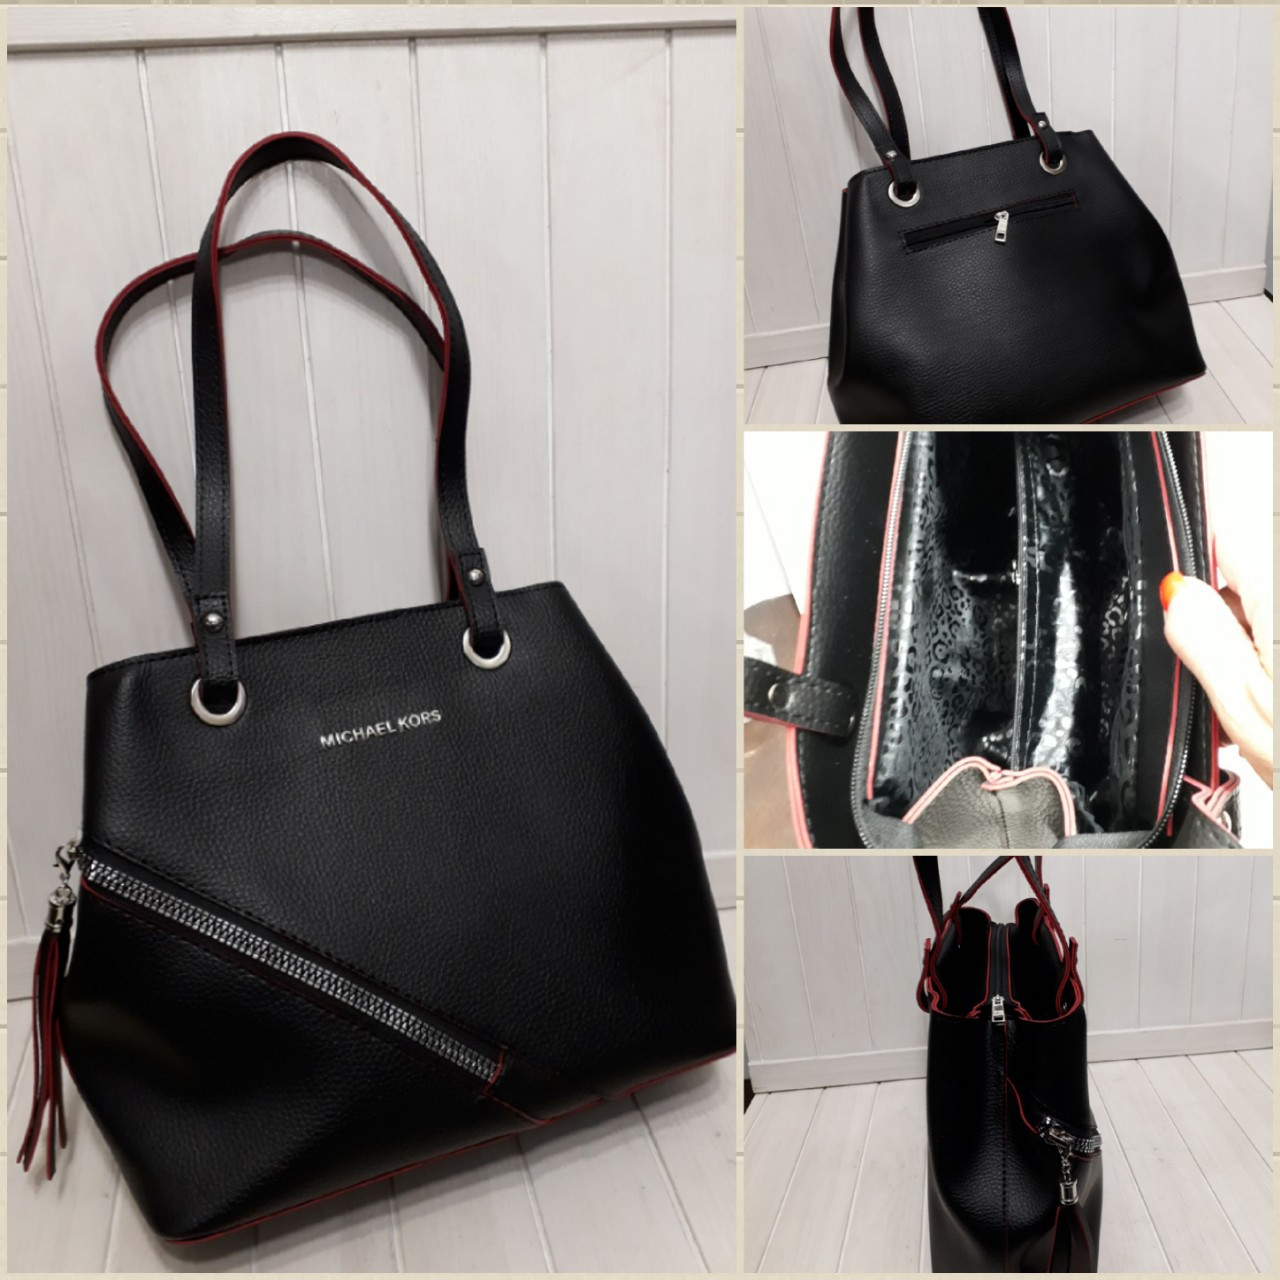 dfc47e78519e Женская сумка-тоут из искусственной кожи 27*30 см, цена 440 грн ...